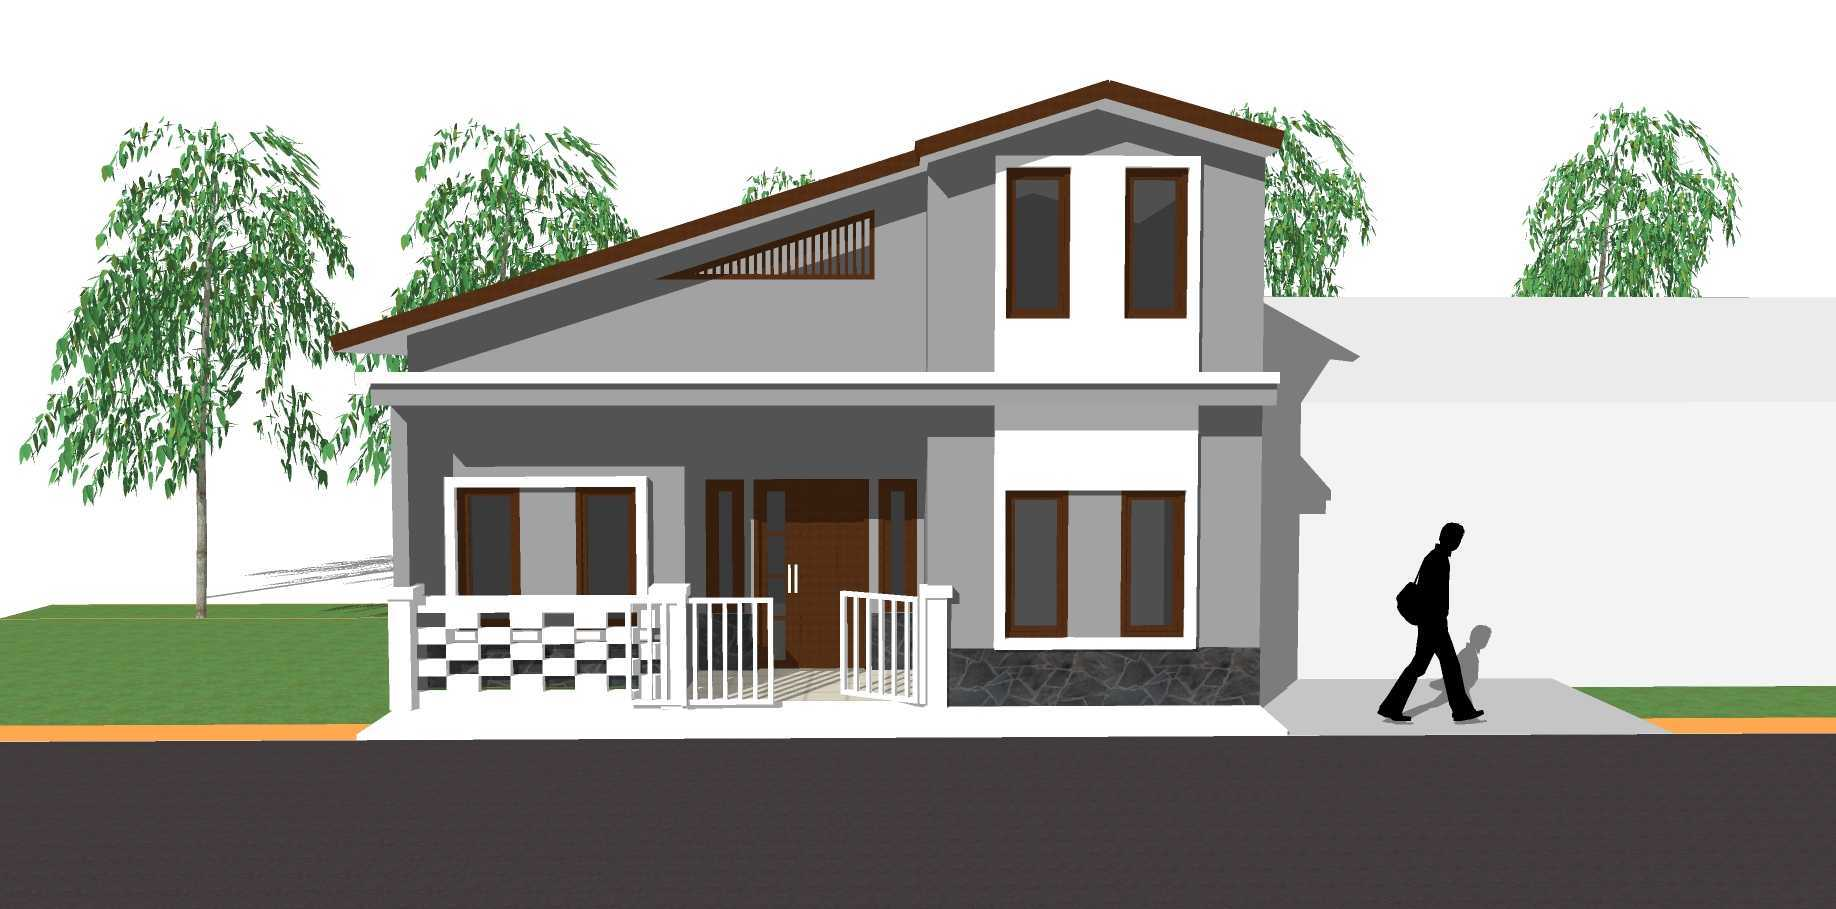 Jasa Arsitek Dedi Sugandi di Sumedang